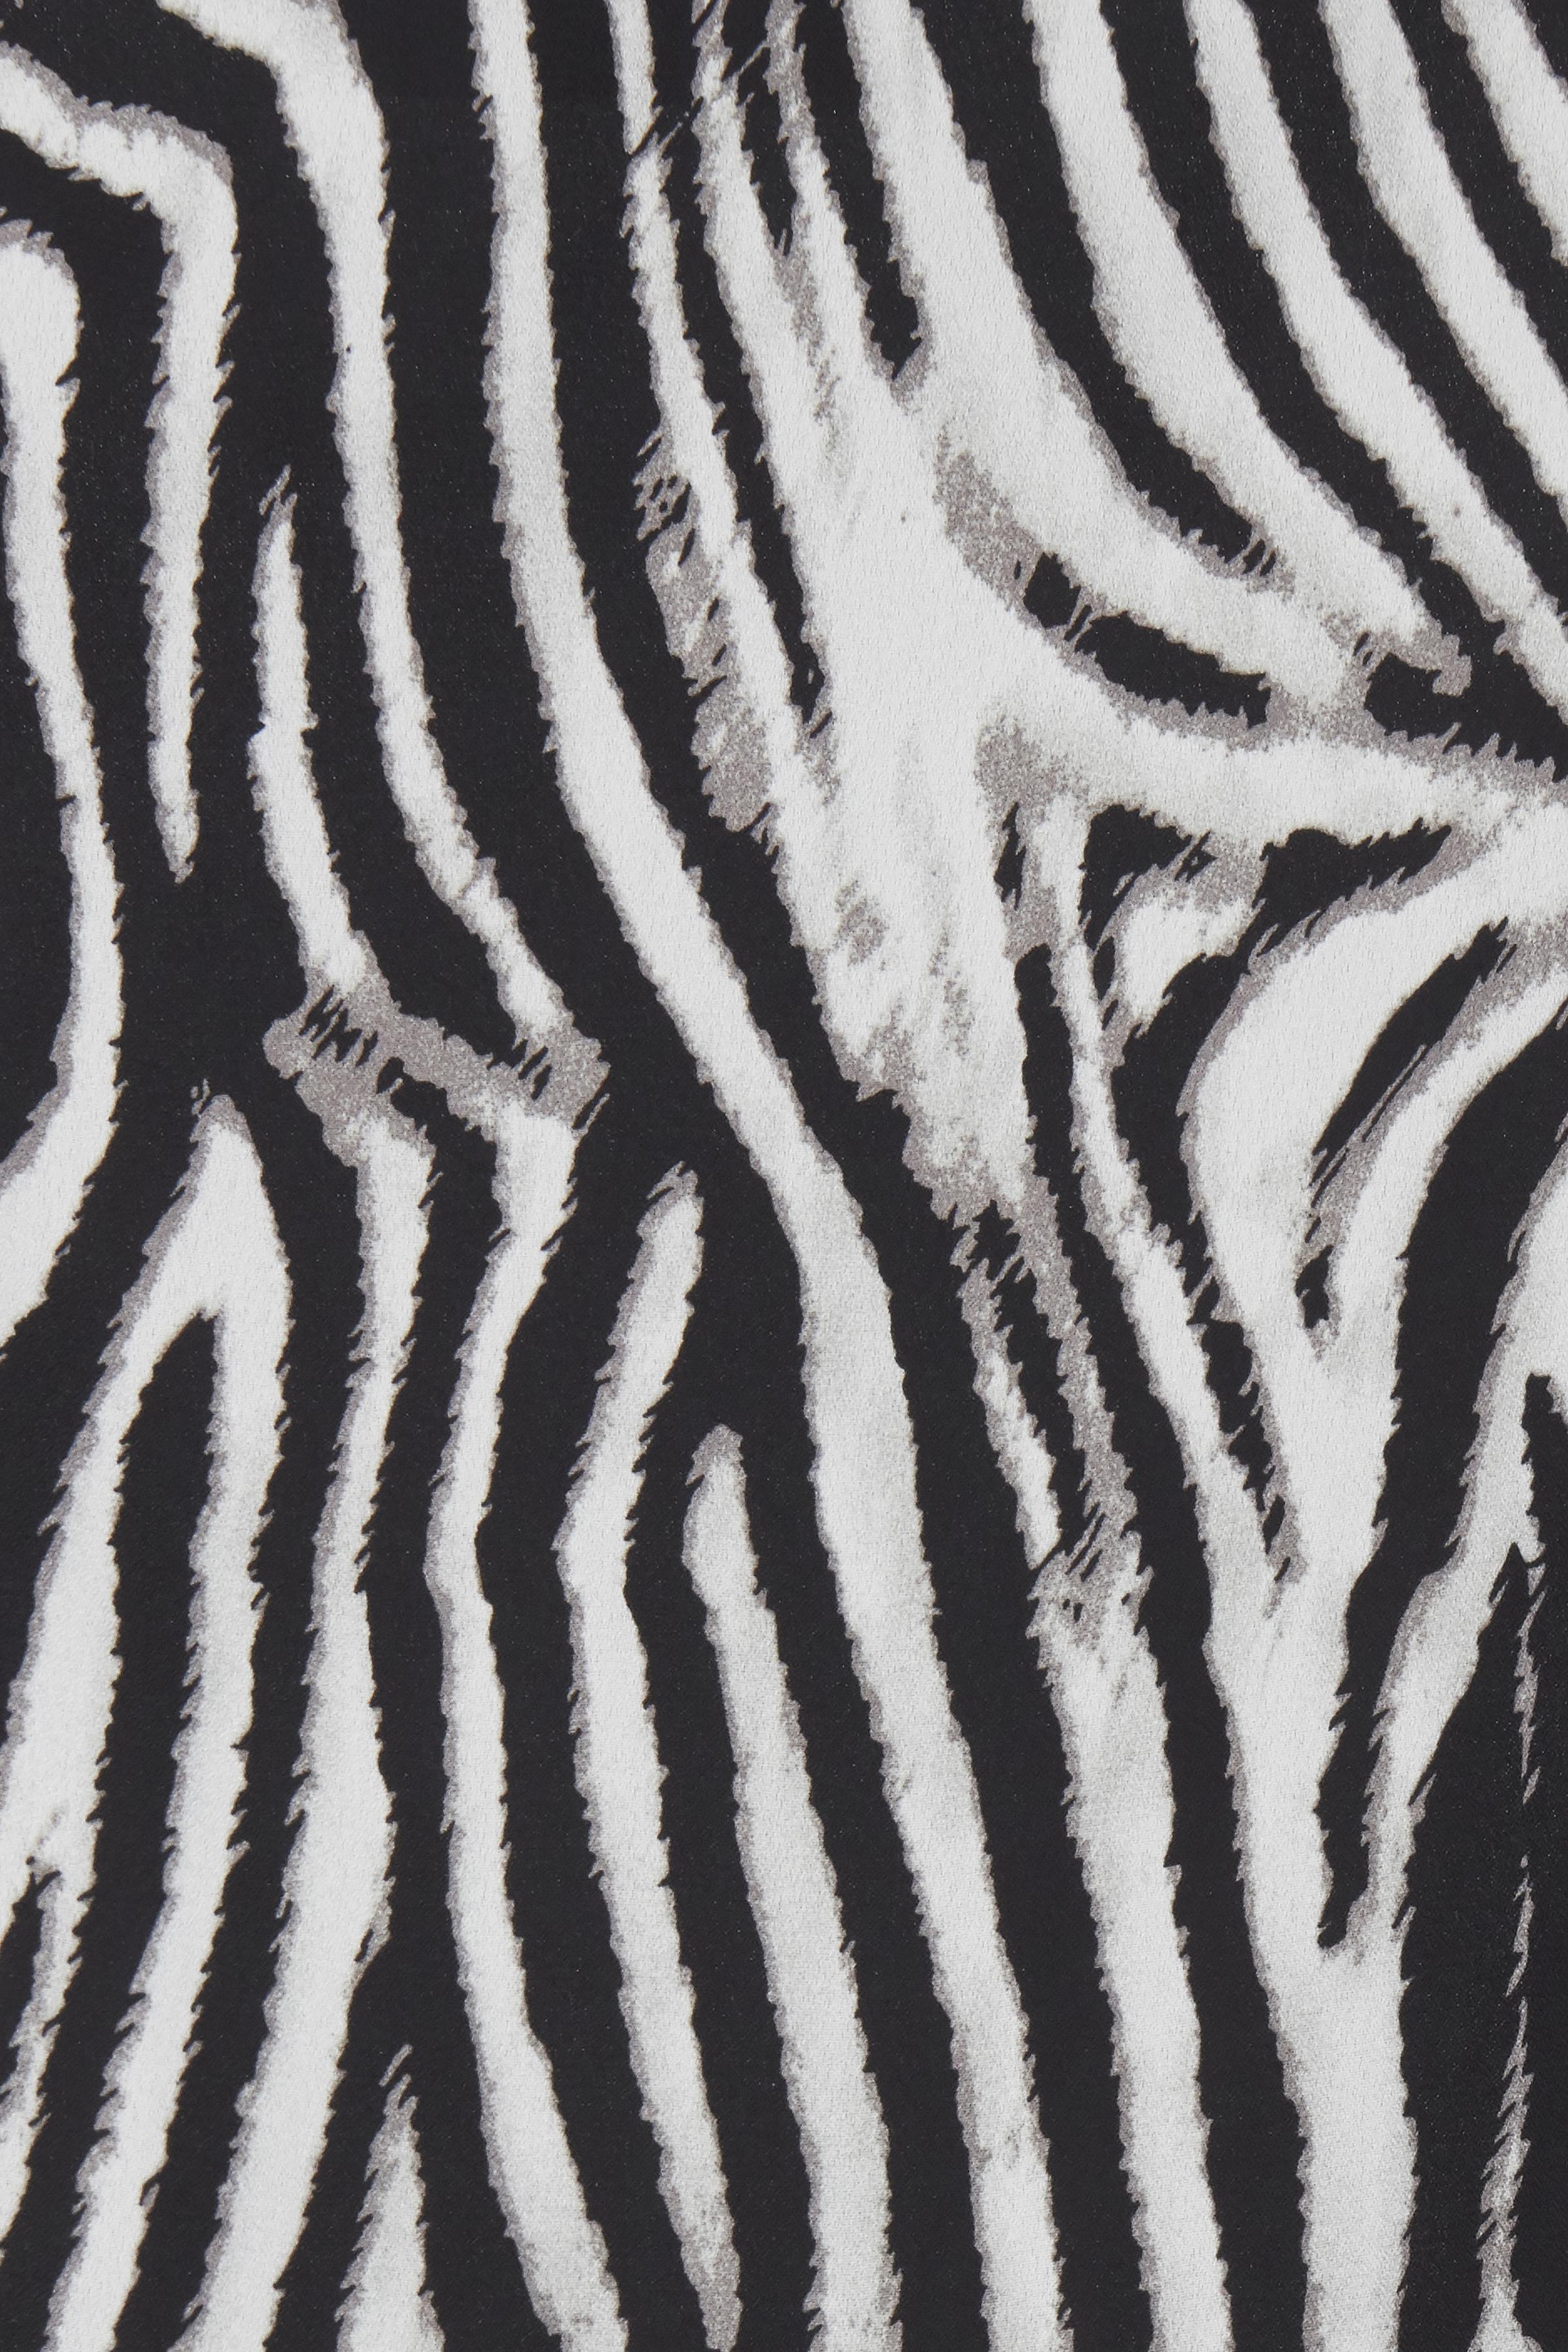 Zebra combi 1 Langarm-Bluse von b.young – Kaufen Sie Zebra combi 1 Langarm-Bluse aus Größe 34-42 hier